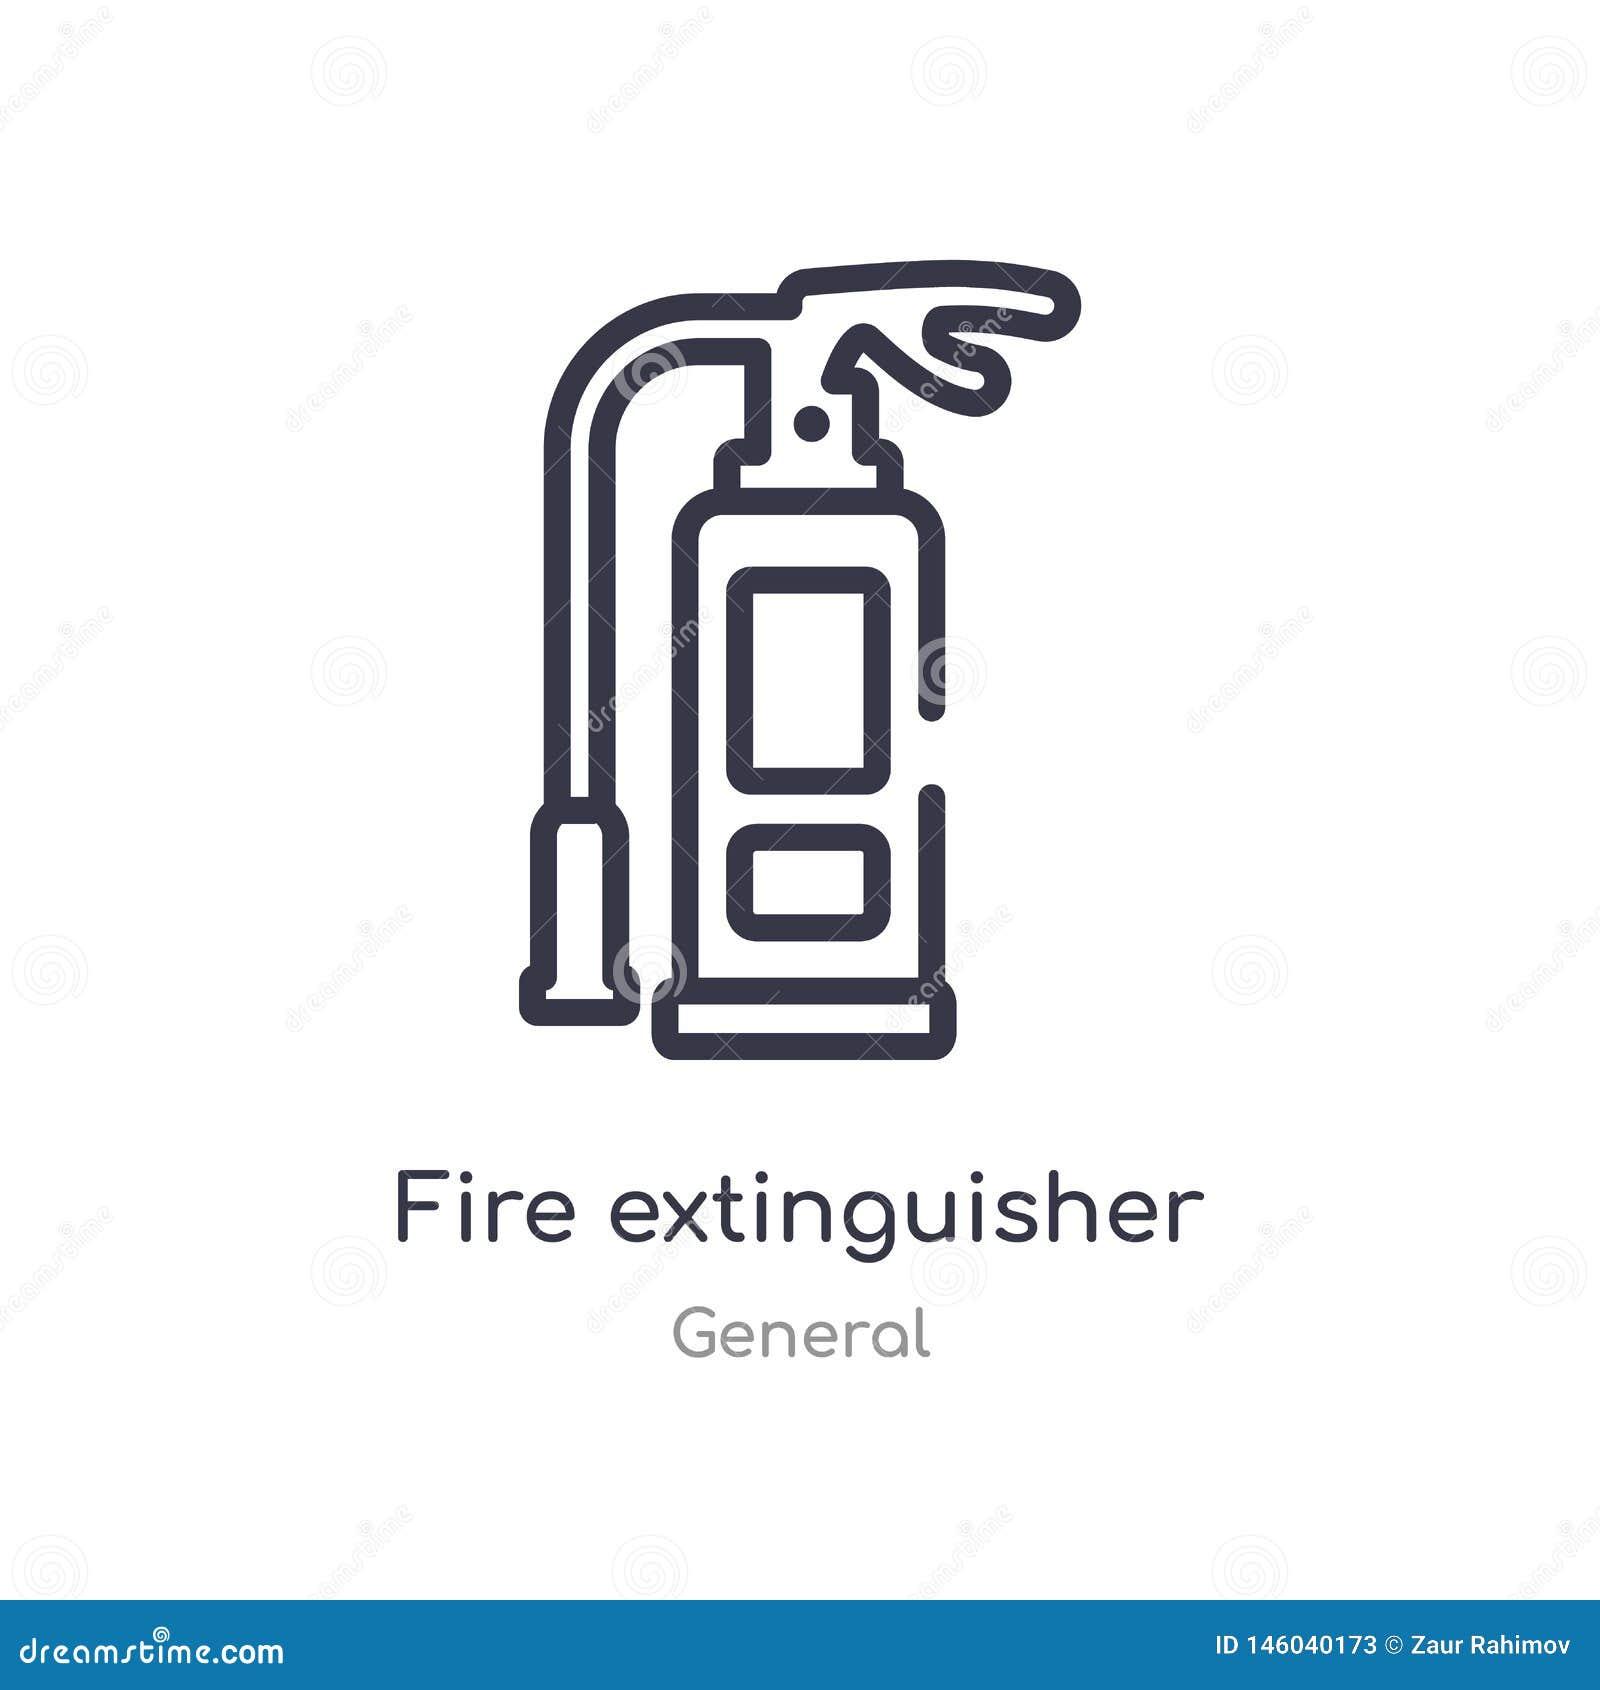 εικονίδιο περιλήψεων πυροσβεστήρων απομονωμένη διανυσματική απεικόνιση γραμμών από τη γενική συλλογή editable λεπτός πυροσβεστήρα